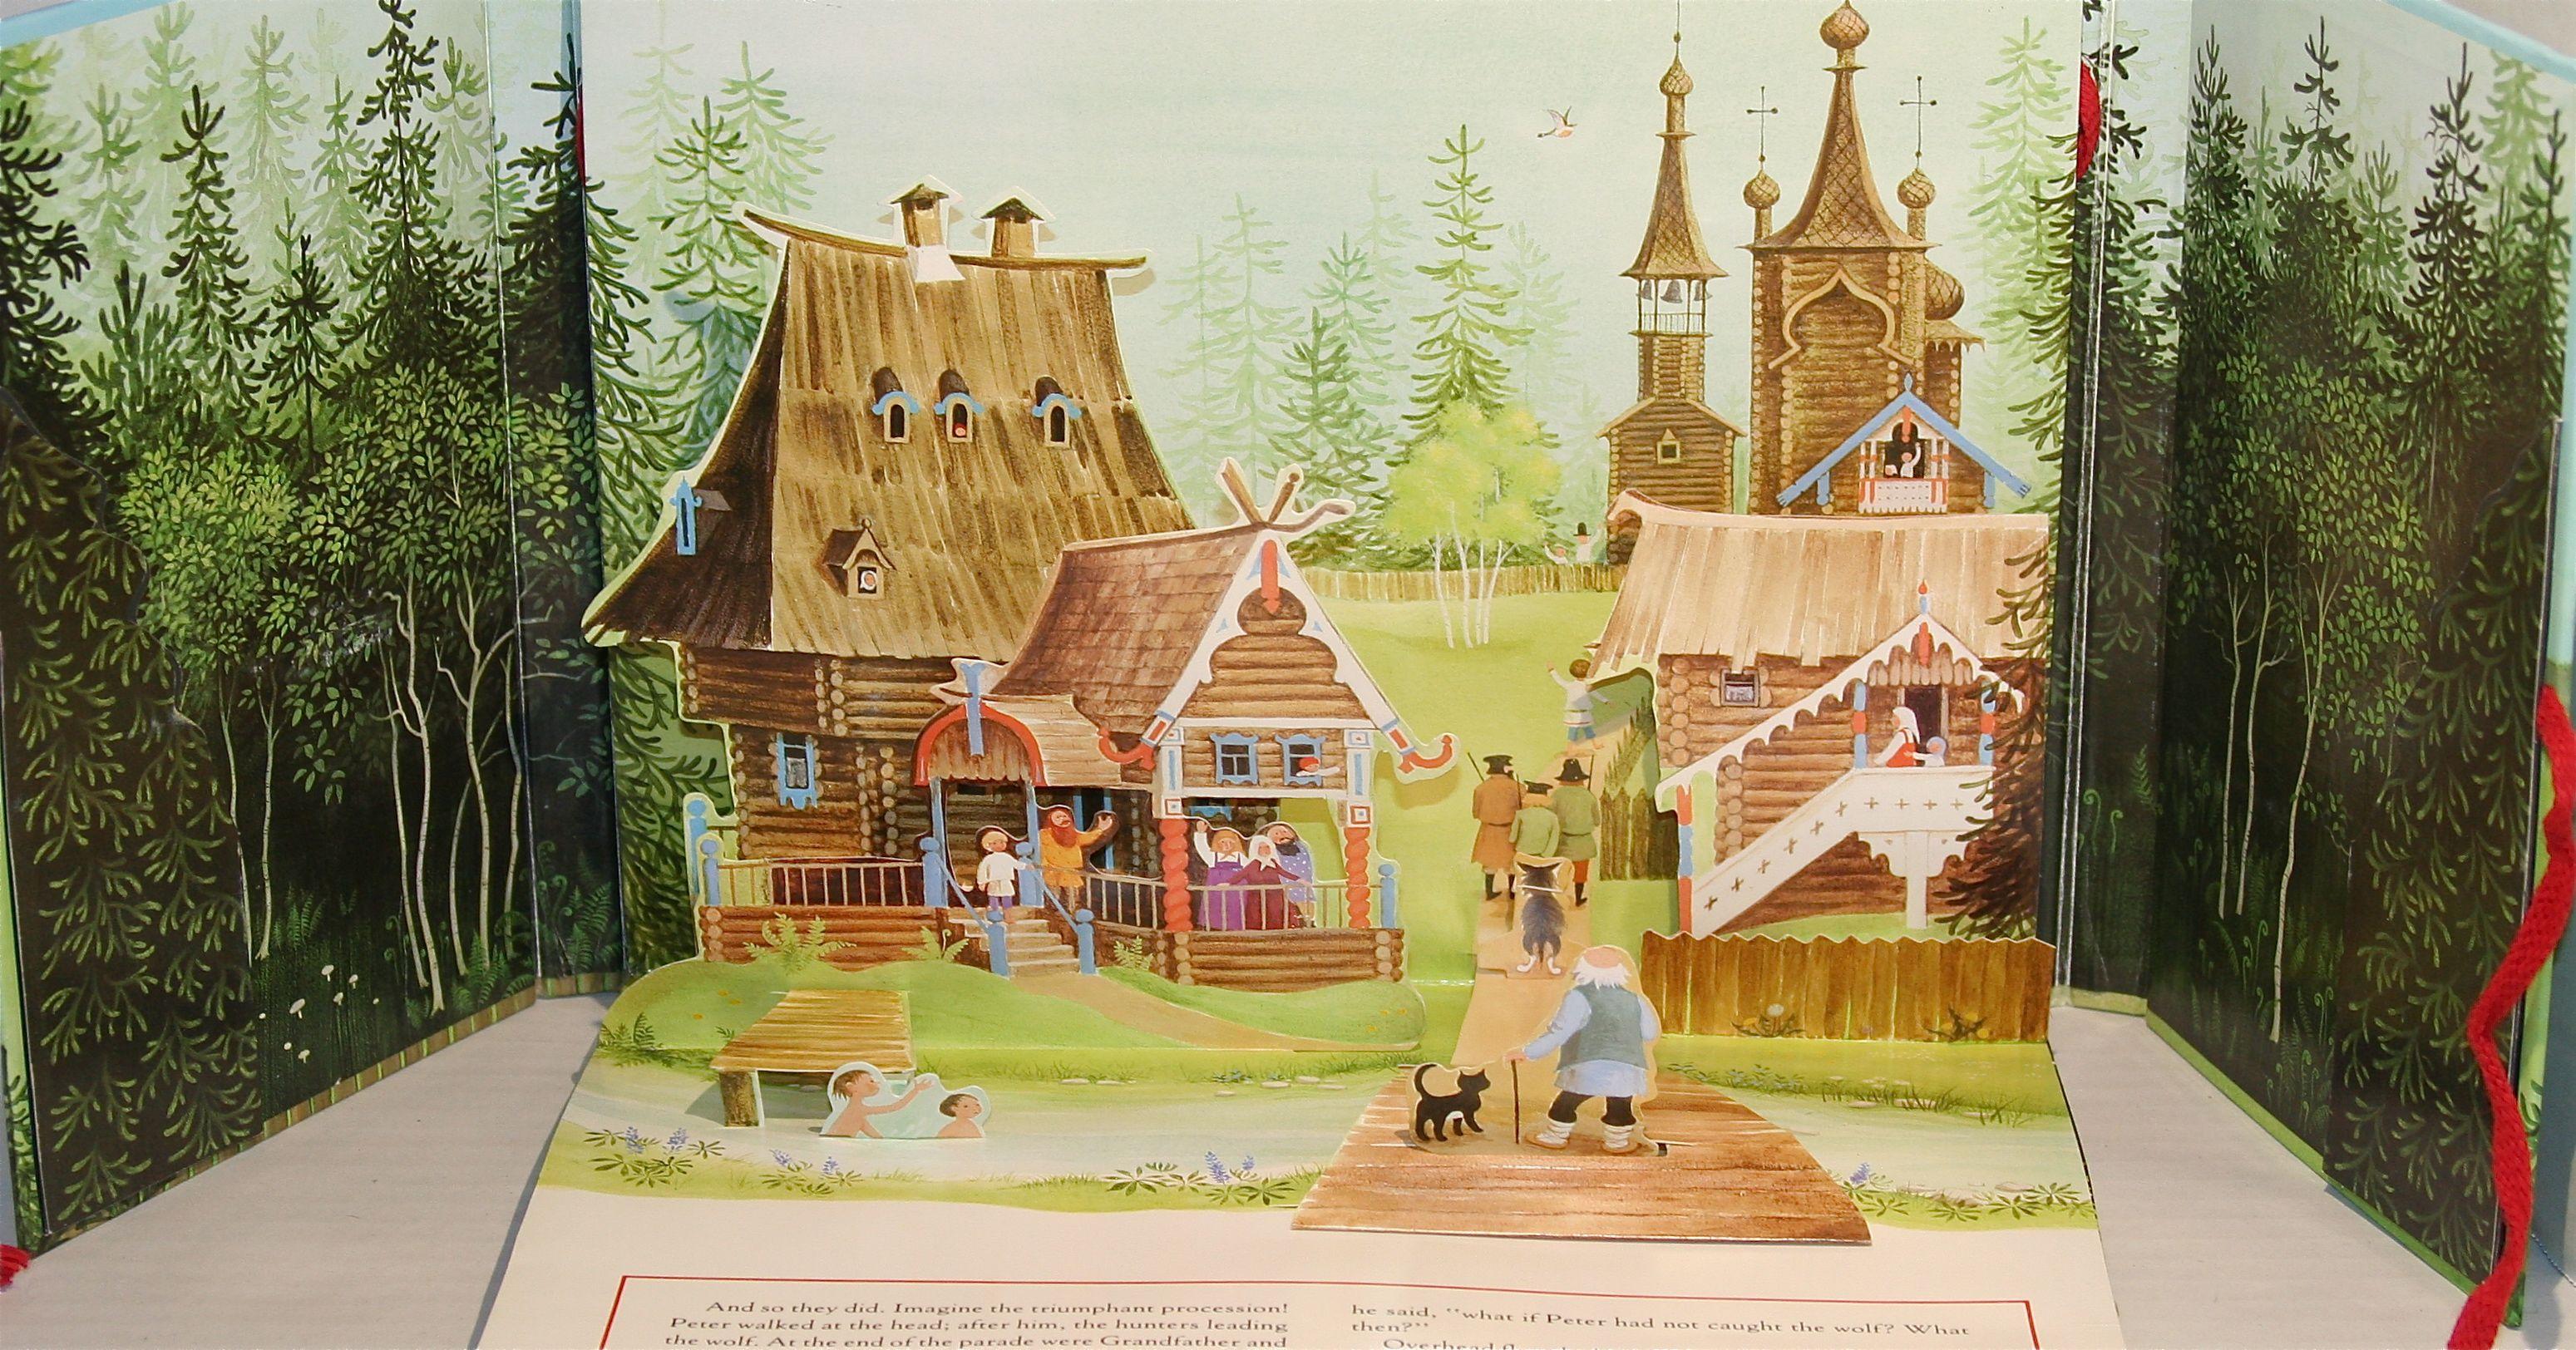 Pin On Cooney Barbara Illustrator